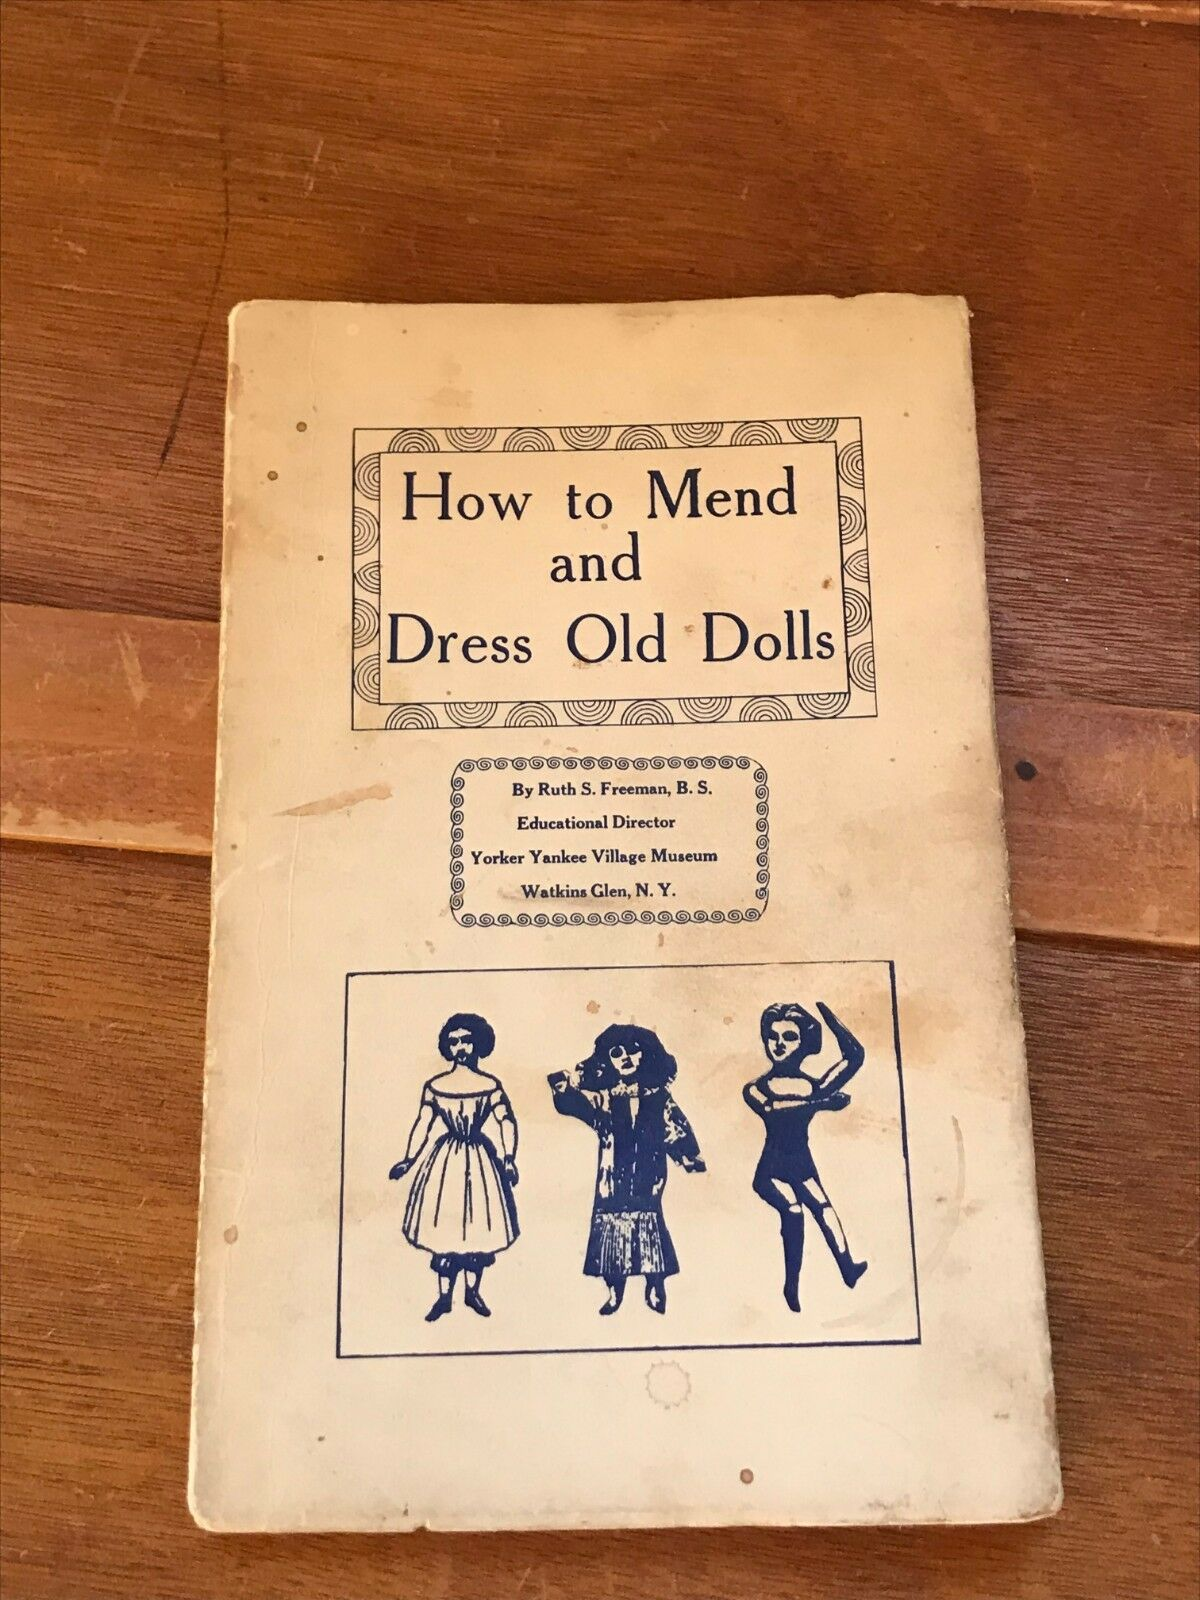 Vintage cómo remediar y Vestido Antiguos Muñecos por Ruth S. Freeman director educativo